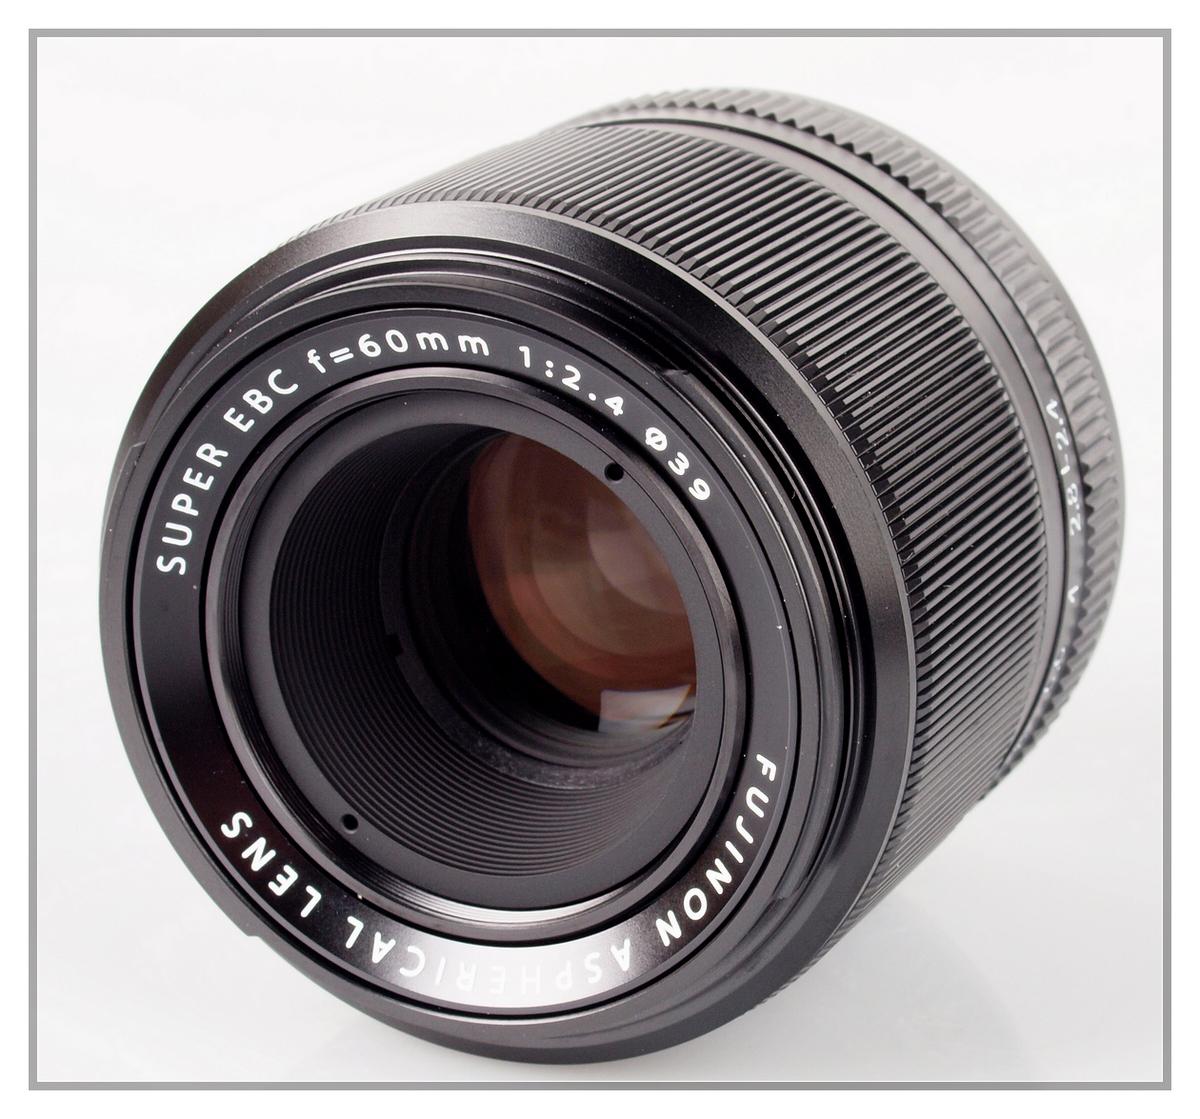 Fujifilm XF 60 f2.4 Macro